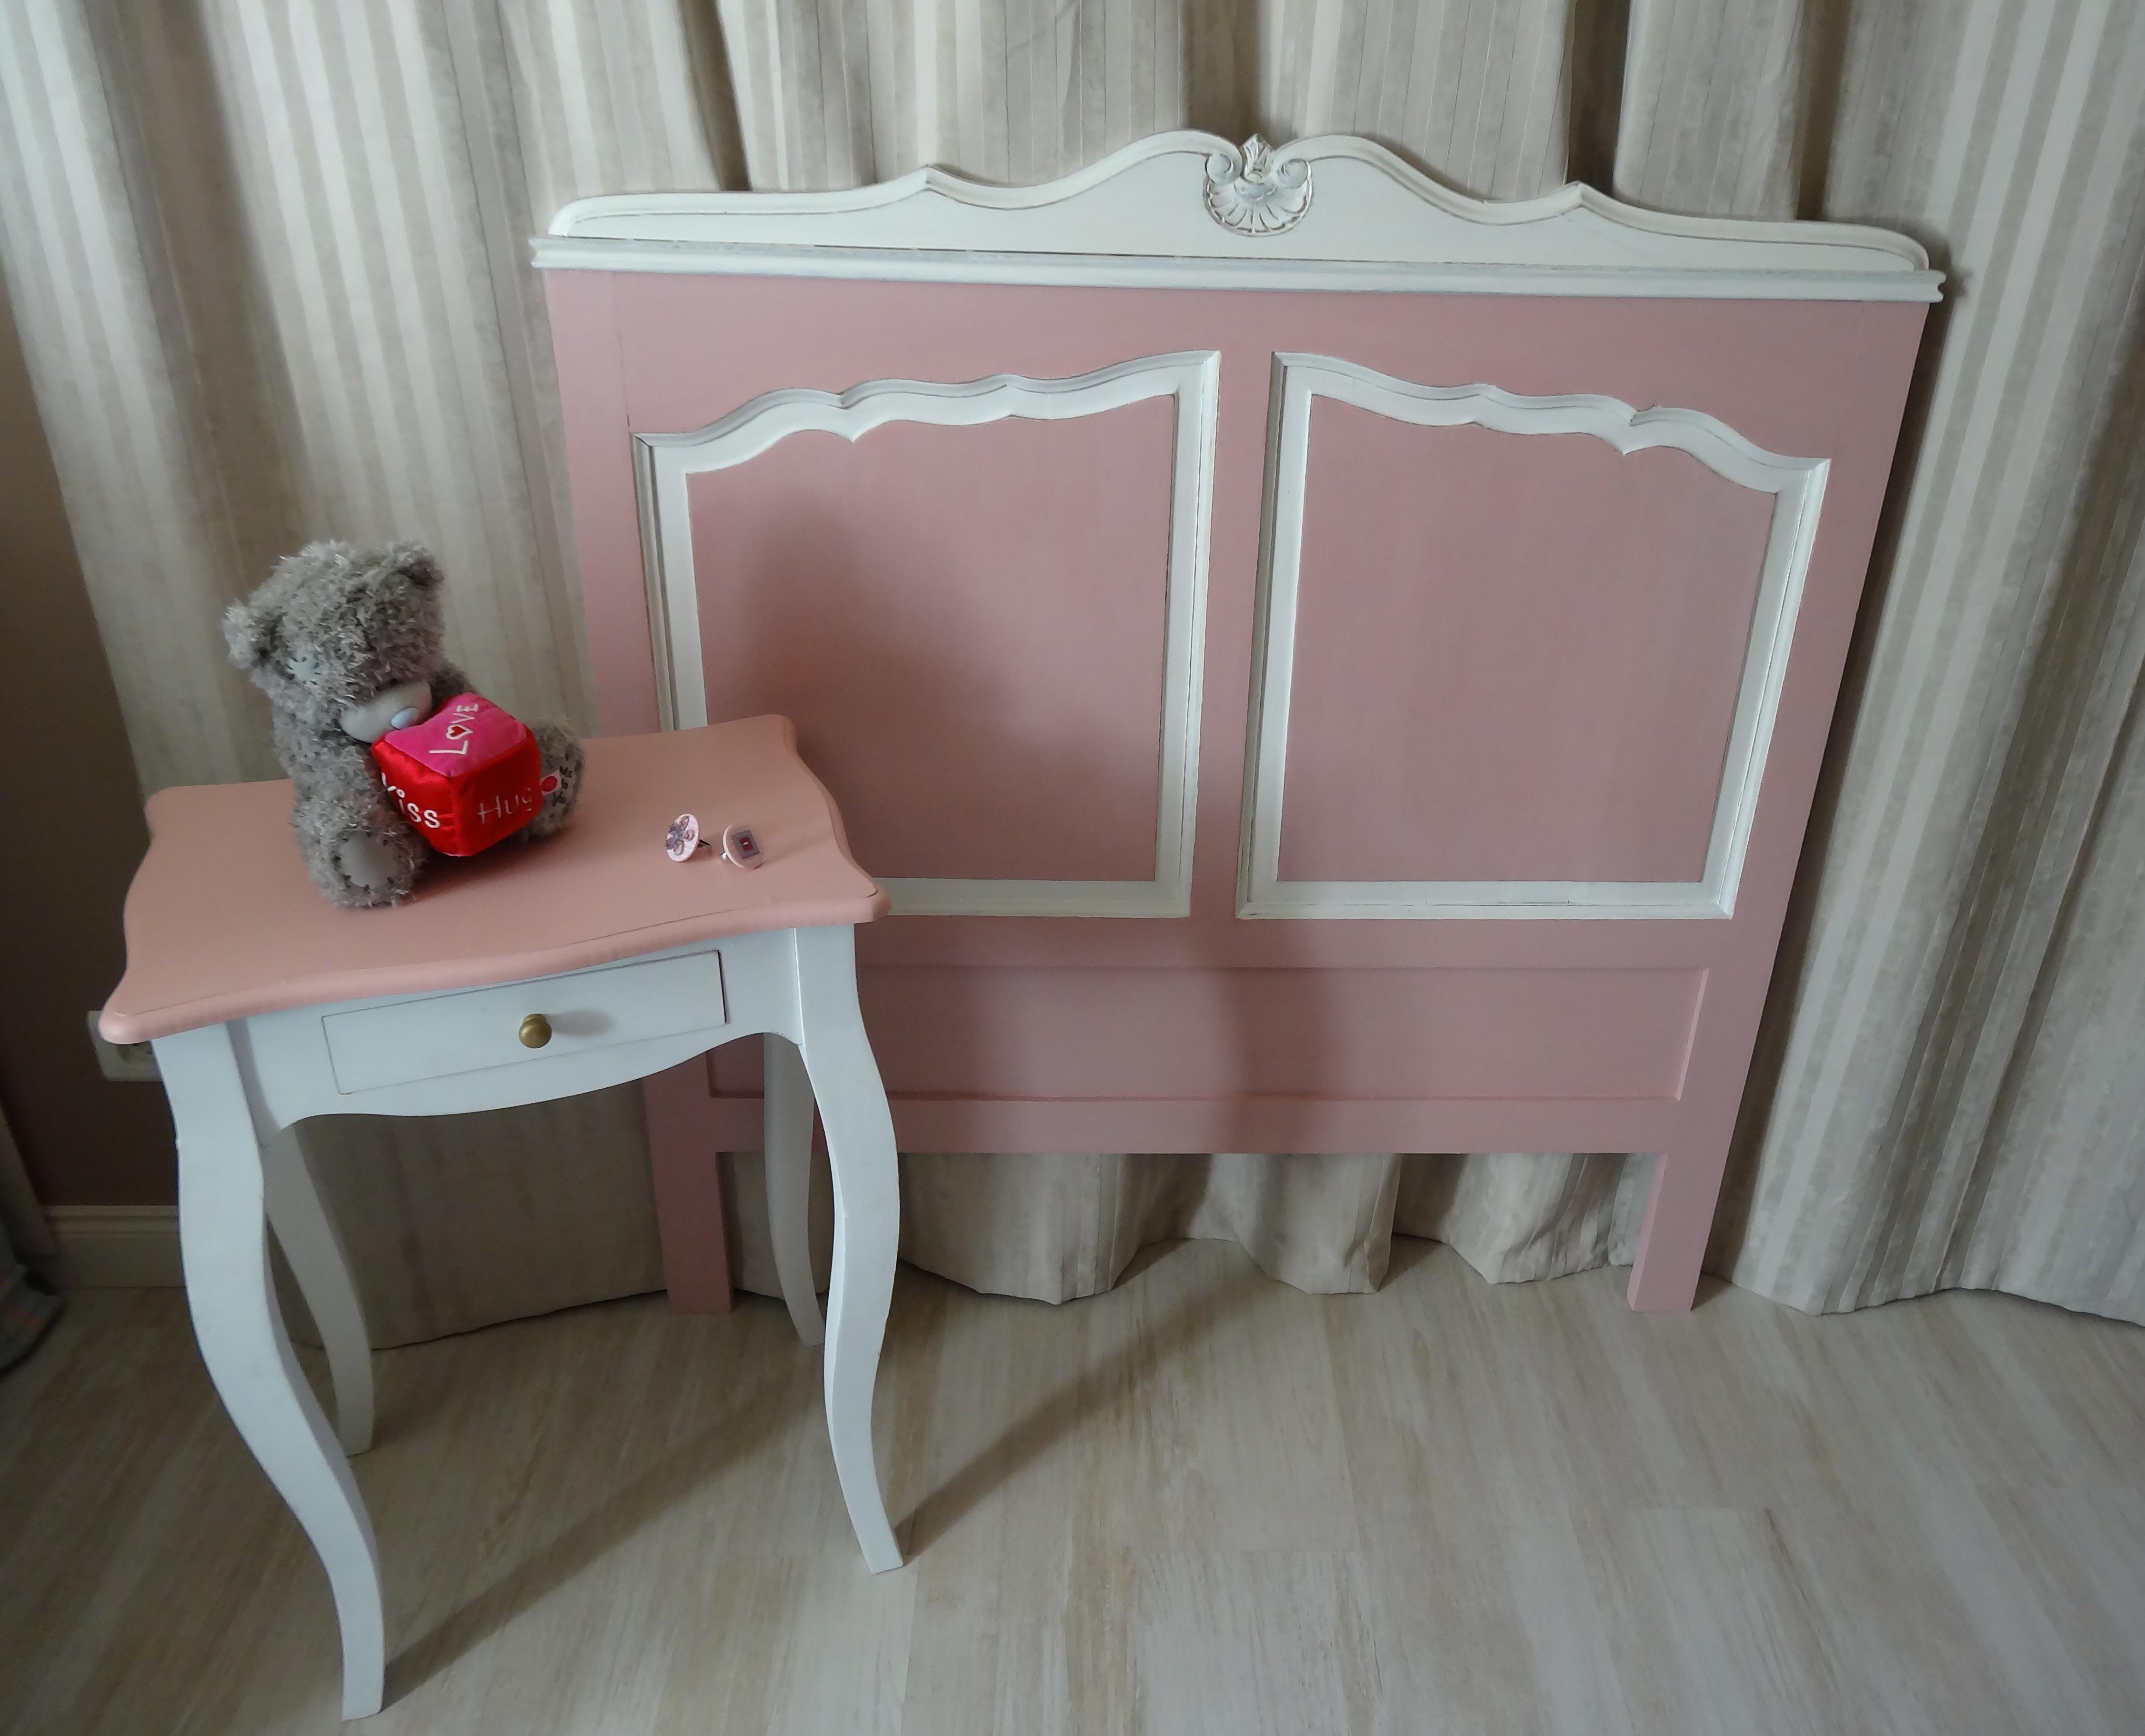 Tête de lit 1 personne ancienne patinée rose poudre pour